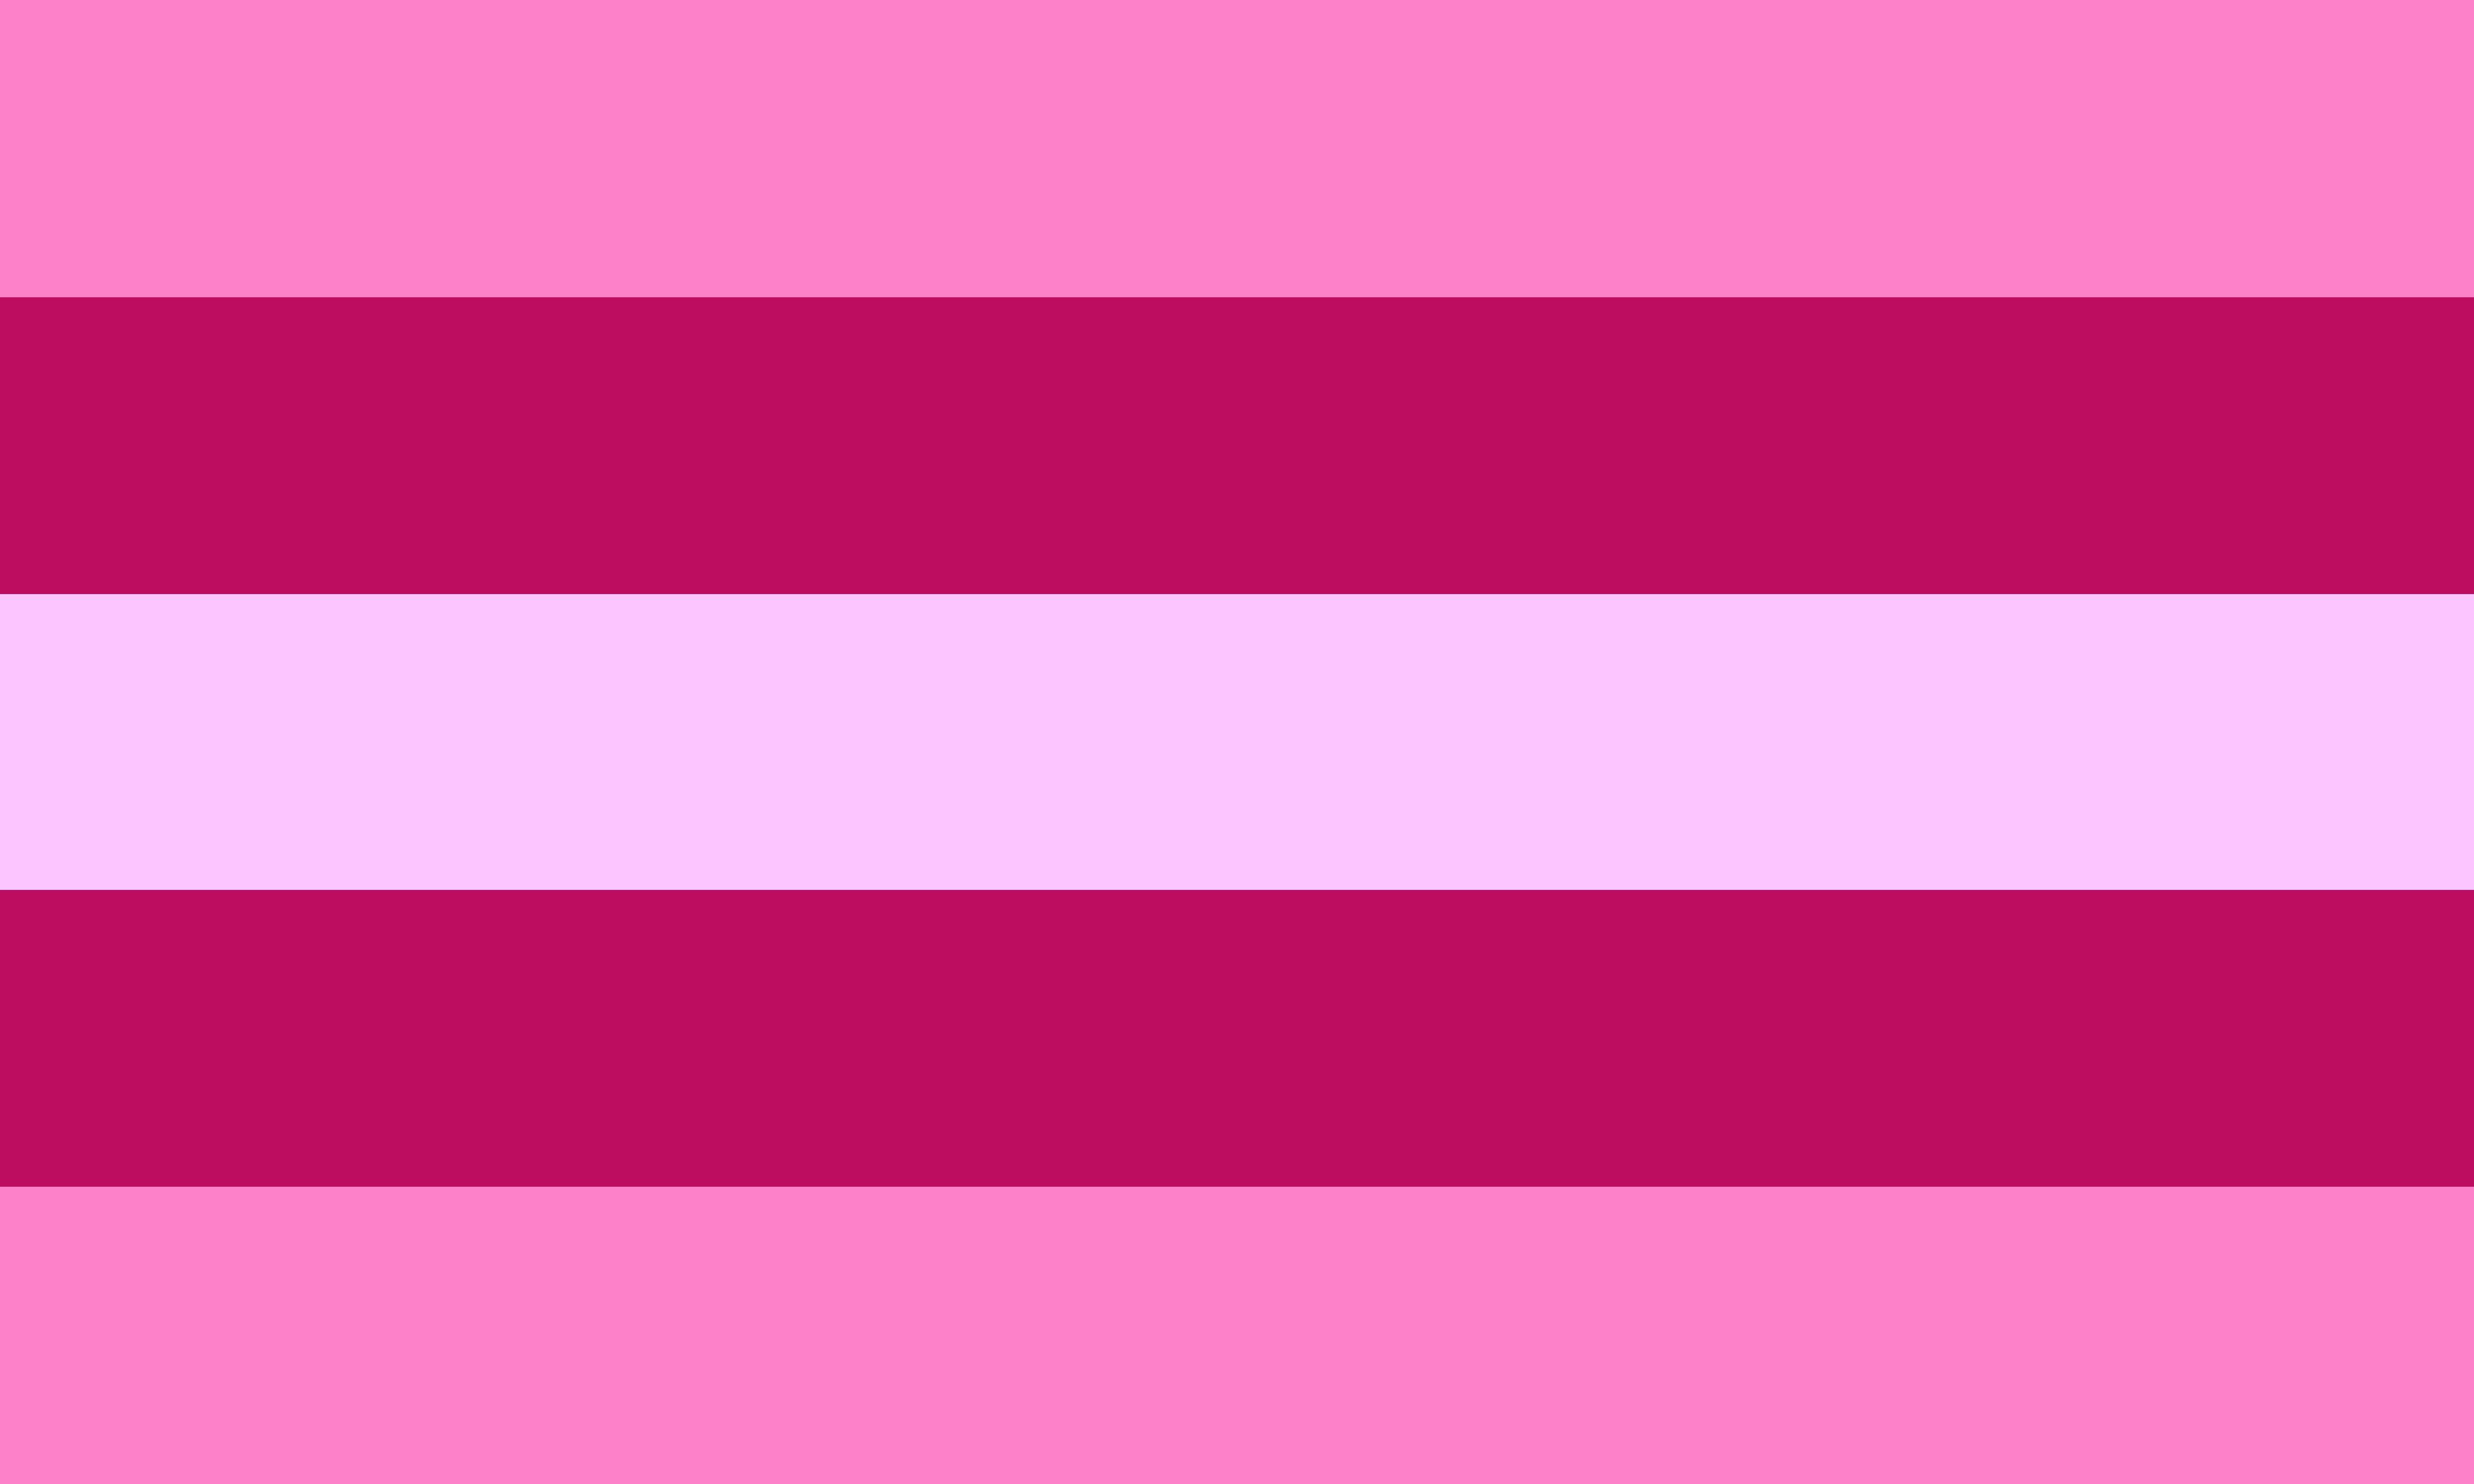 Trans Woman / Transfeminine (3)